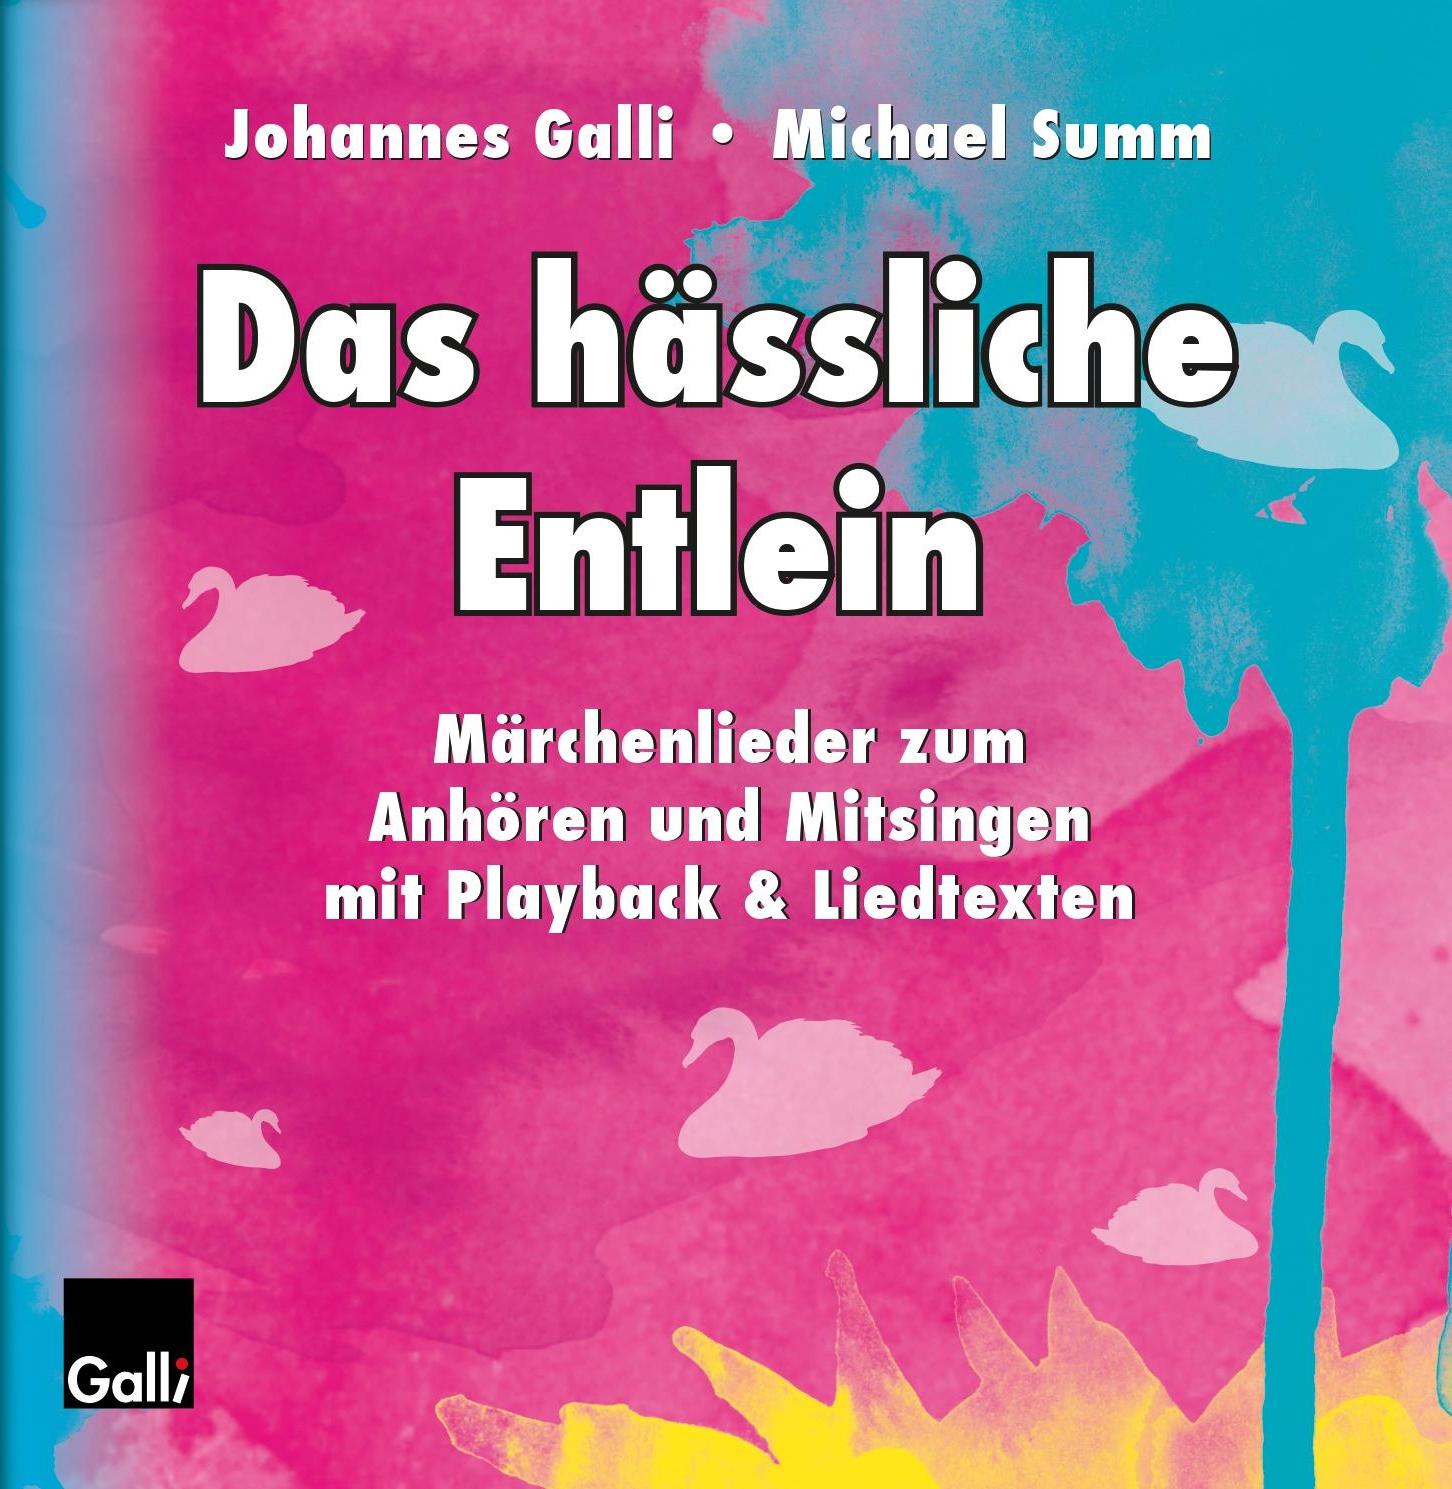 Das hässliche Entlein – CD-Cover